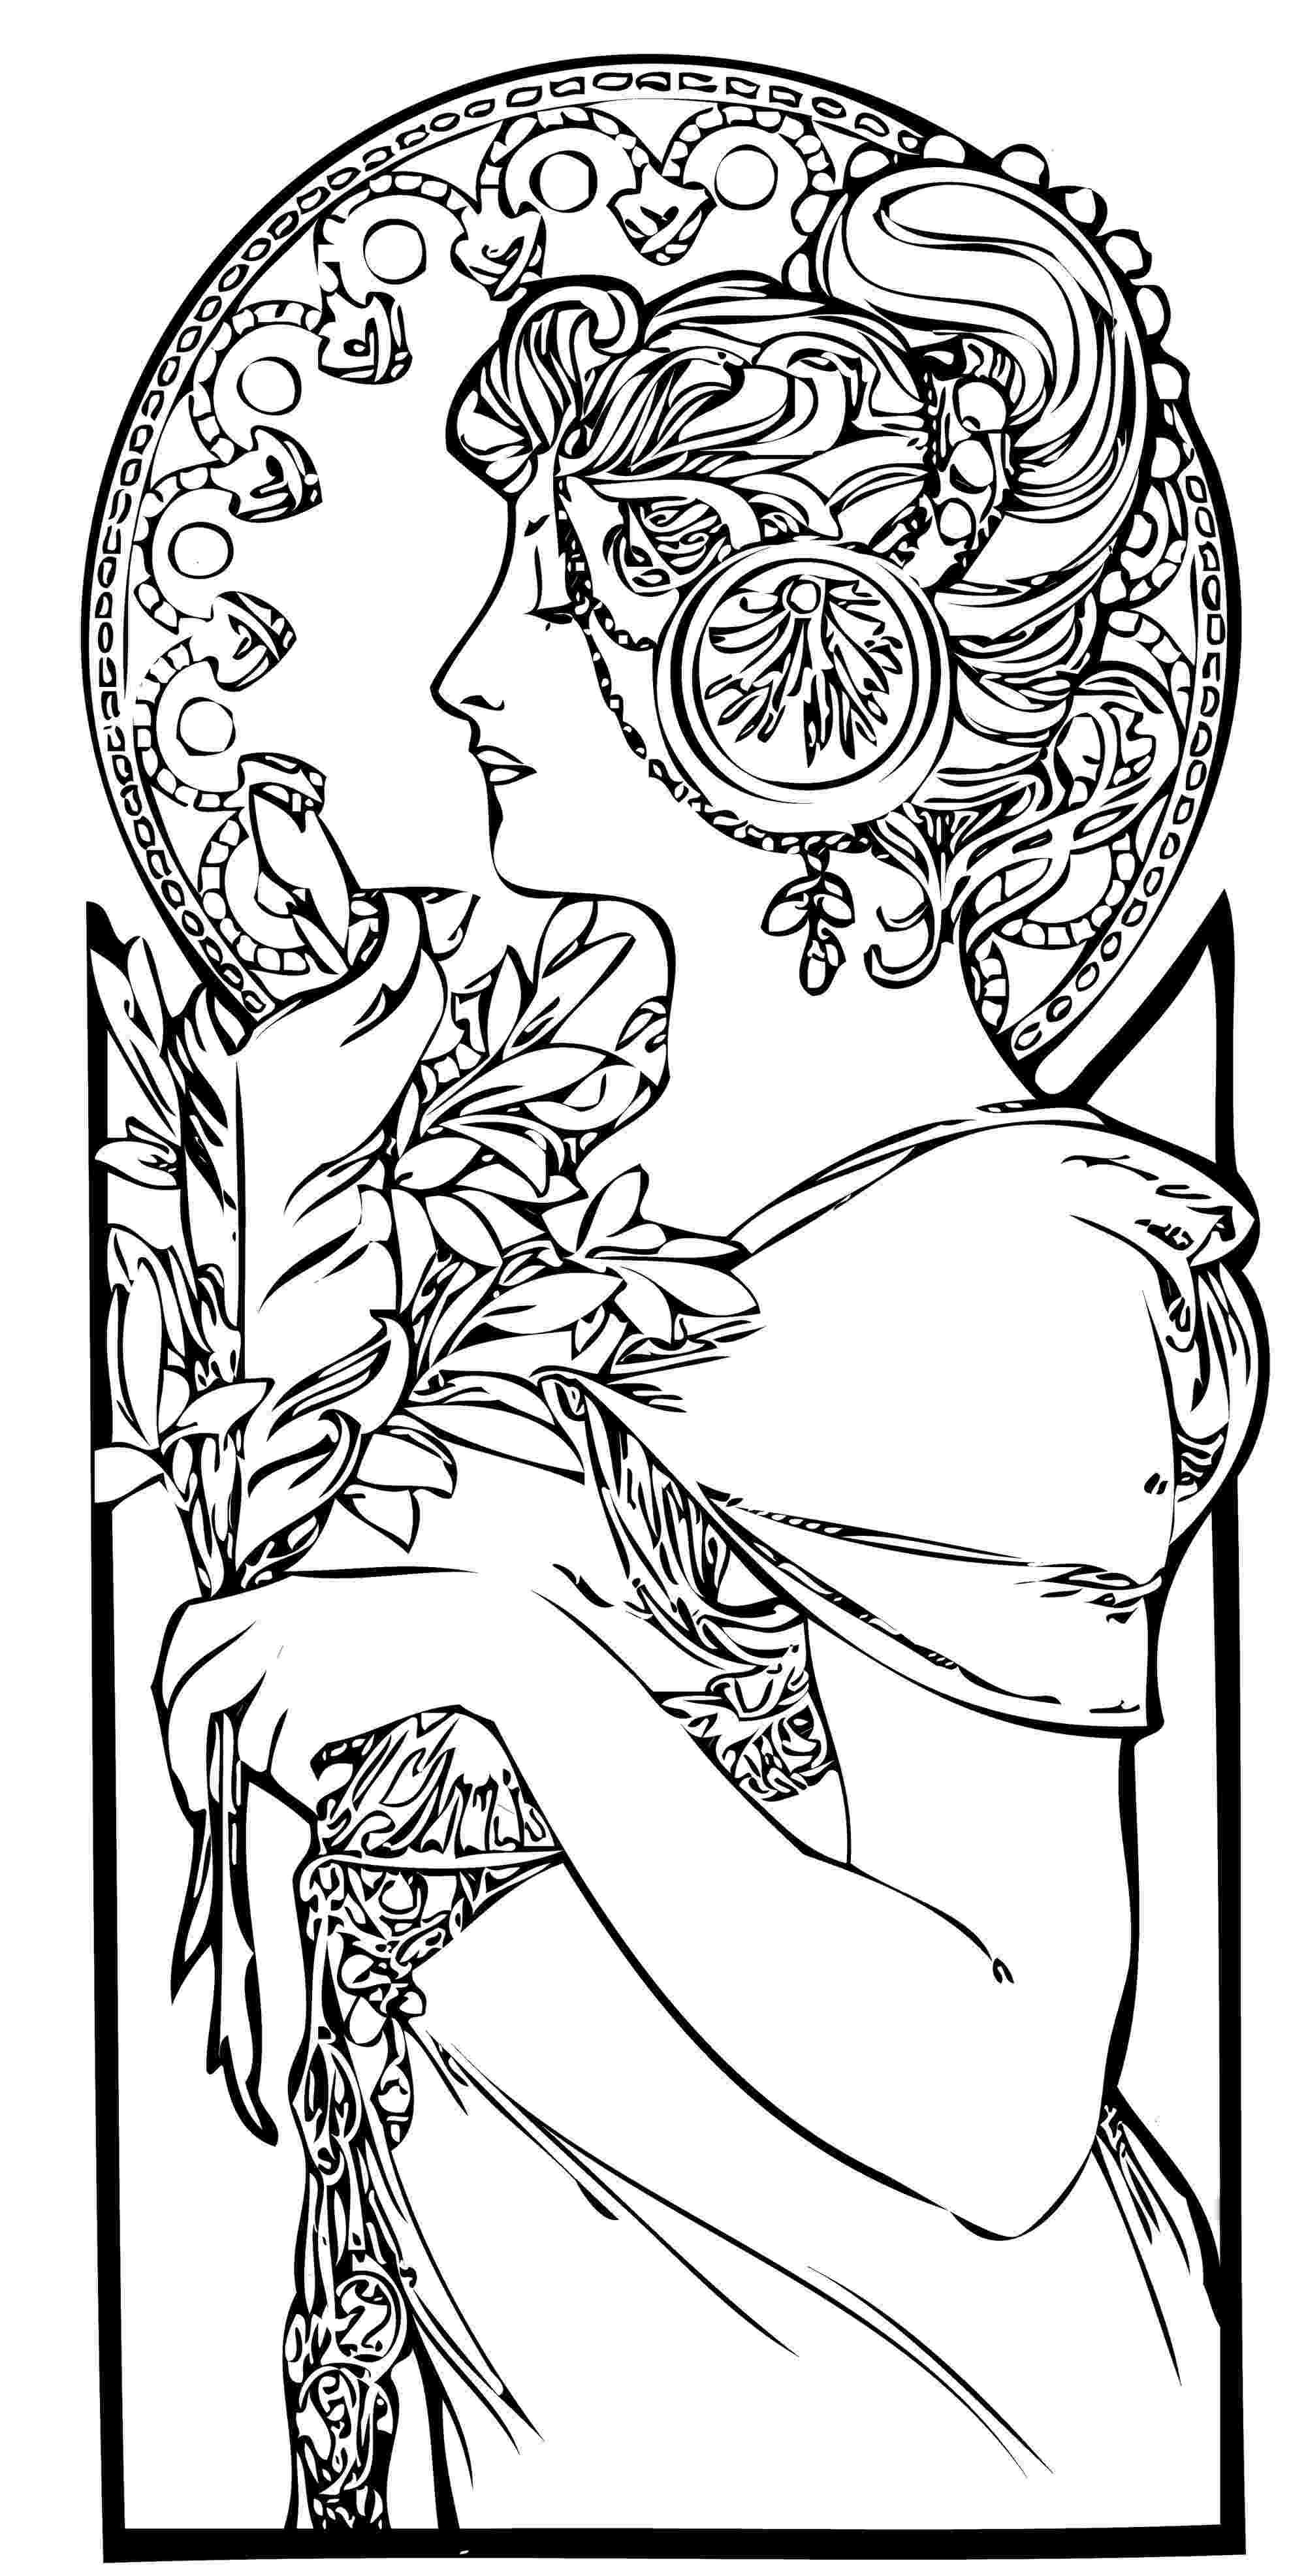 art nouveau coloring book online art nouveau coloring page coloring home nouveau coloring art online book